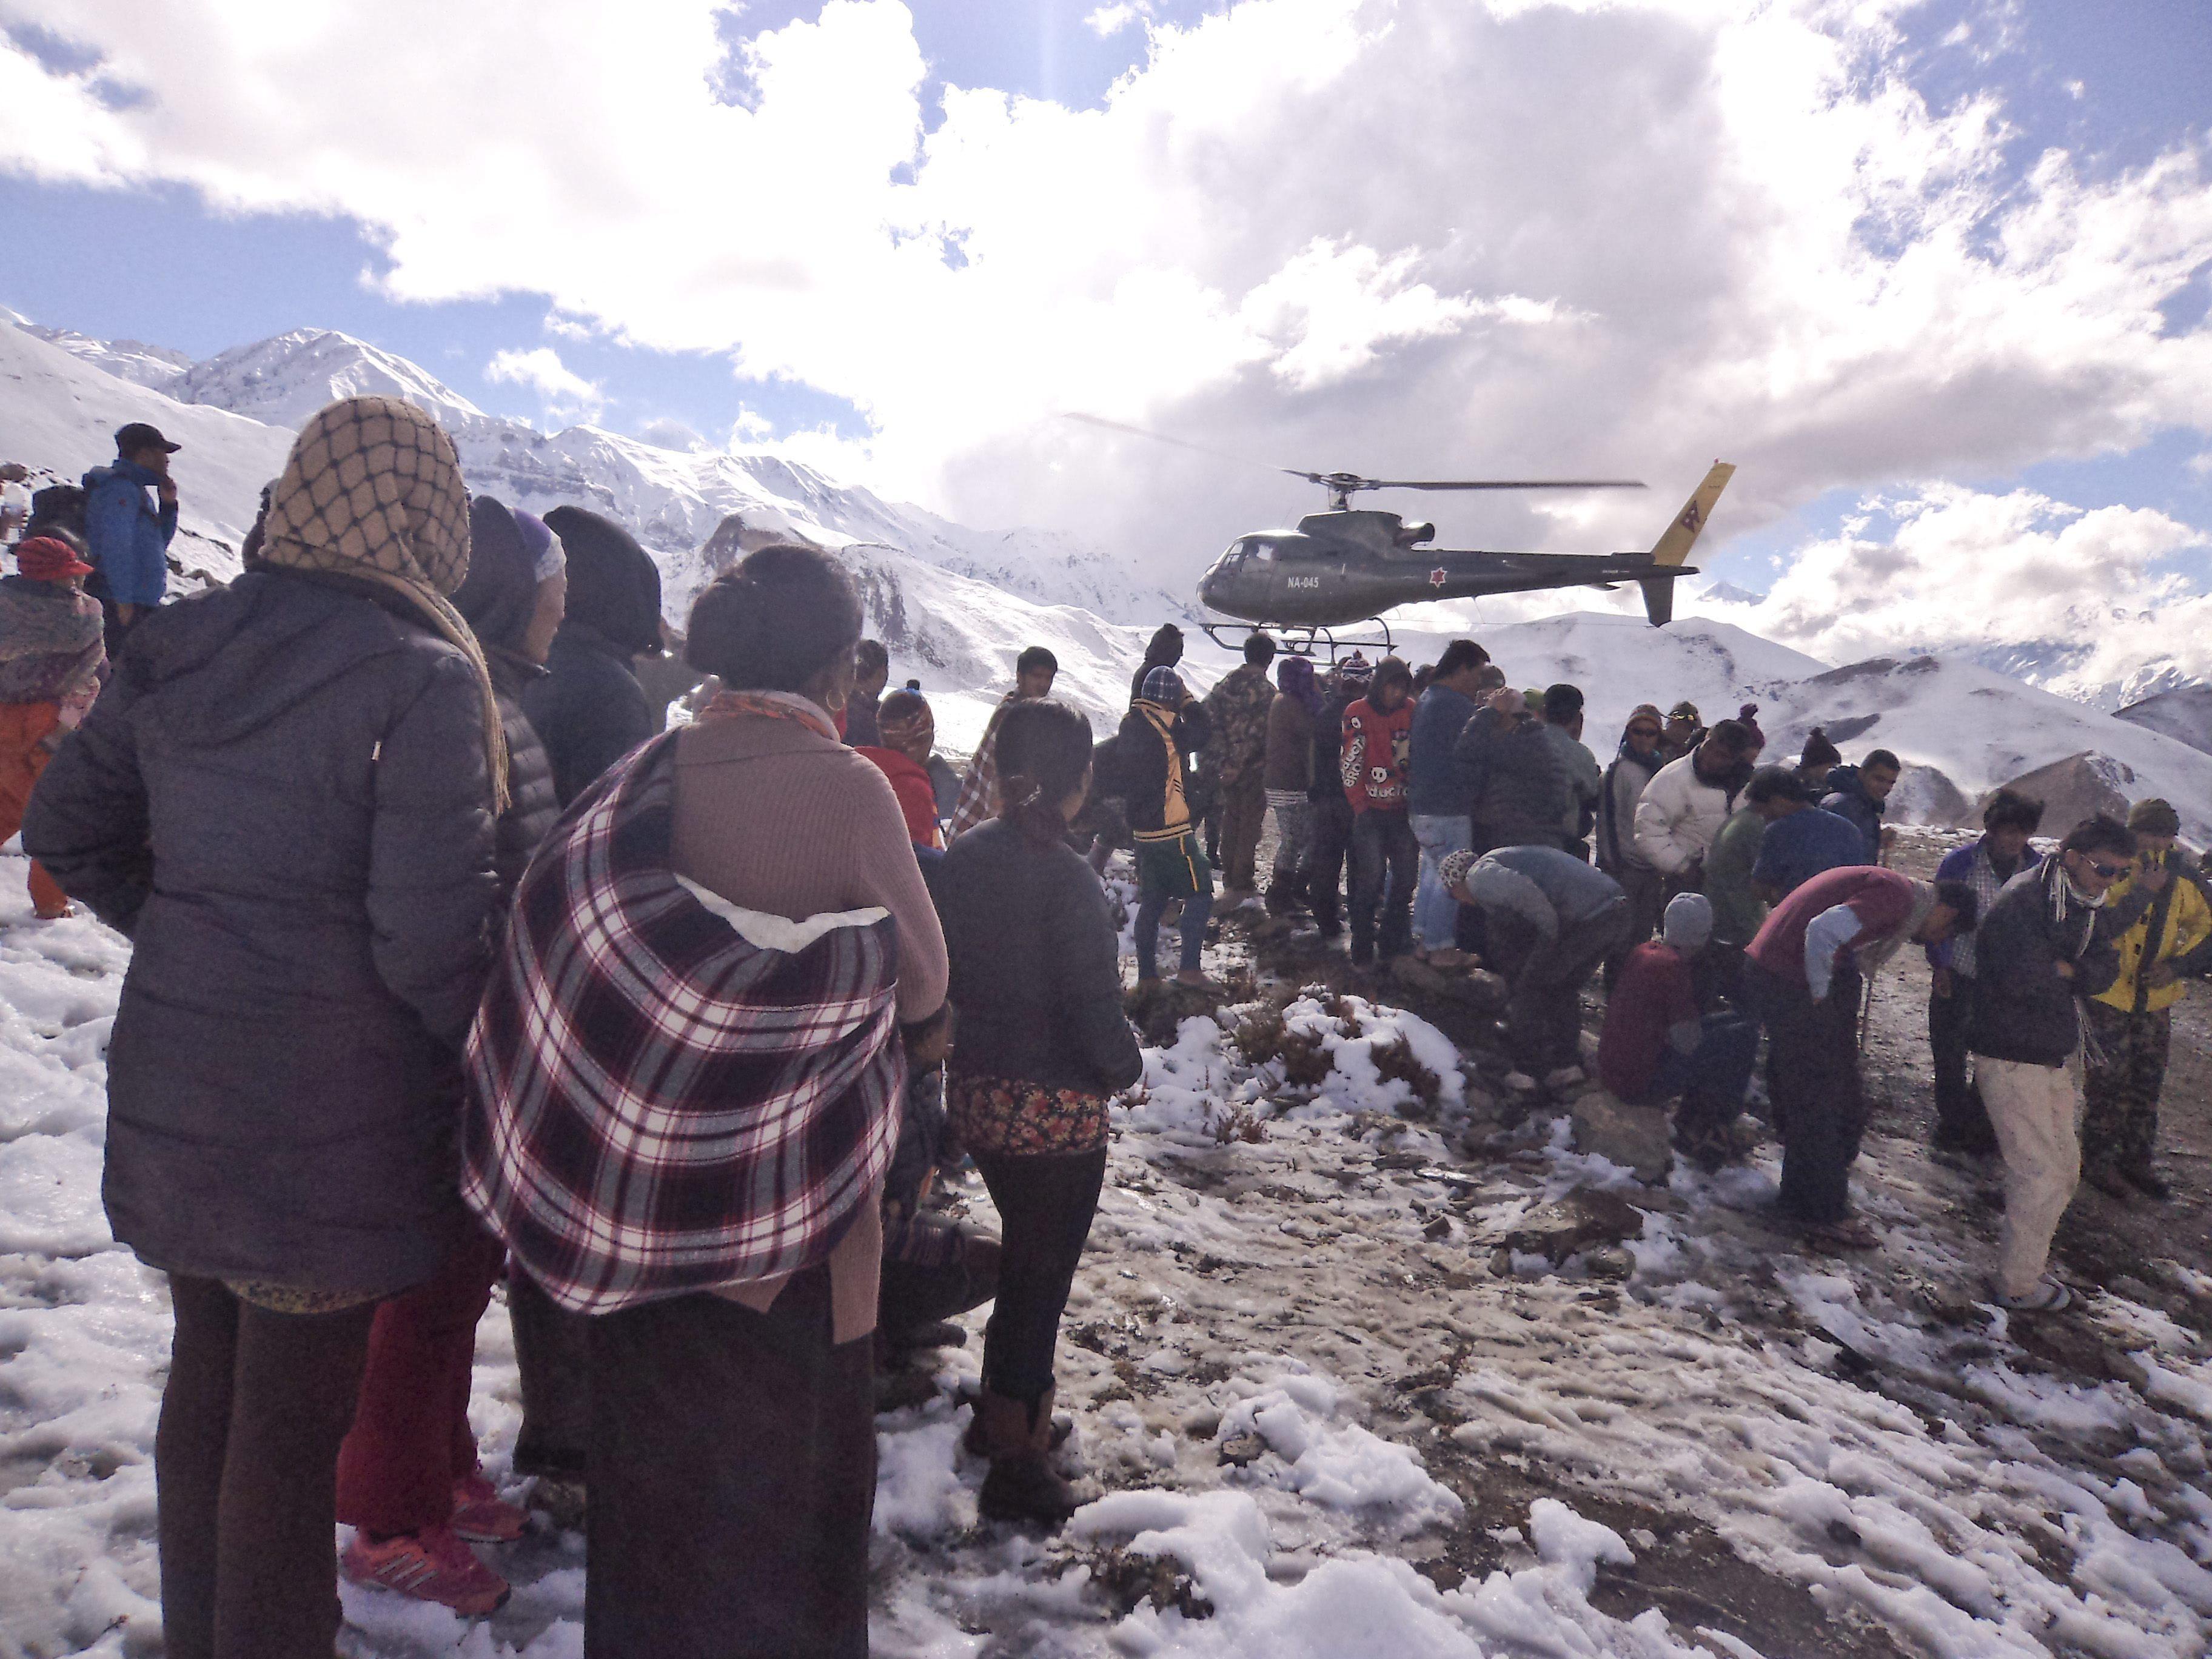 Suman 39 los muertos por tormenta de nieve en Nepal